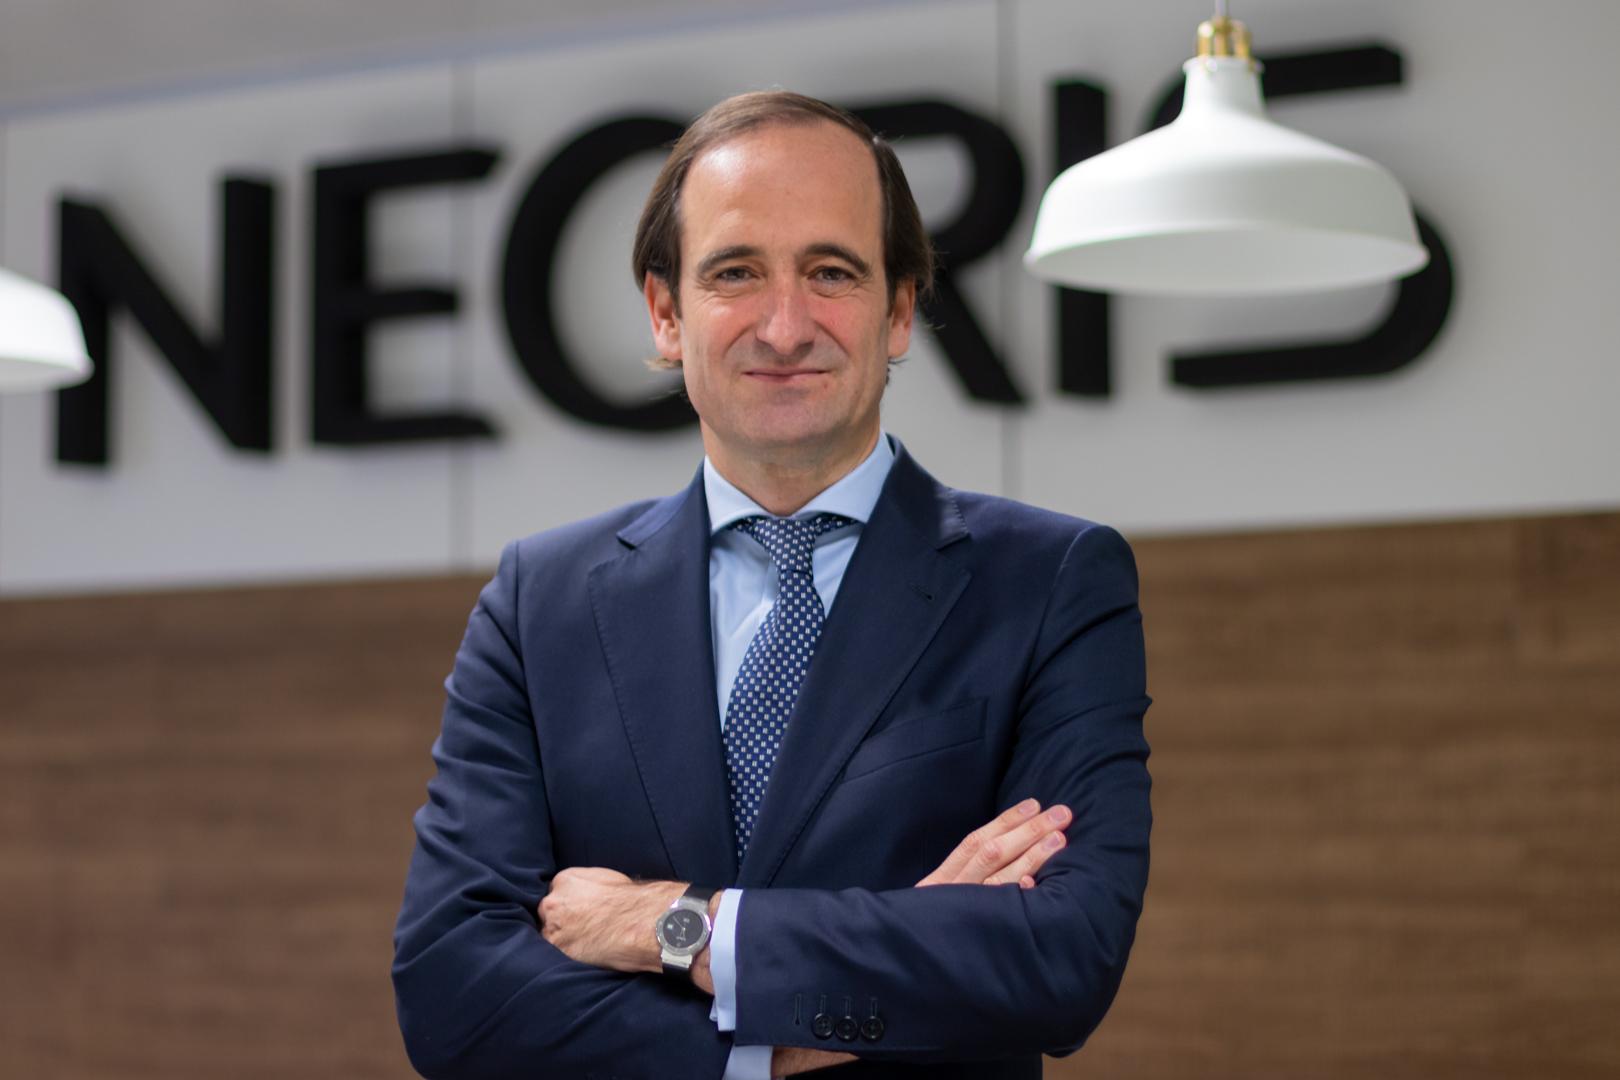 Jaime Peñaranda, Líder Global de Servicios Financieros de Neoris.